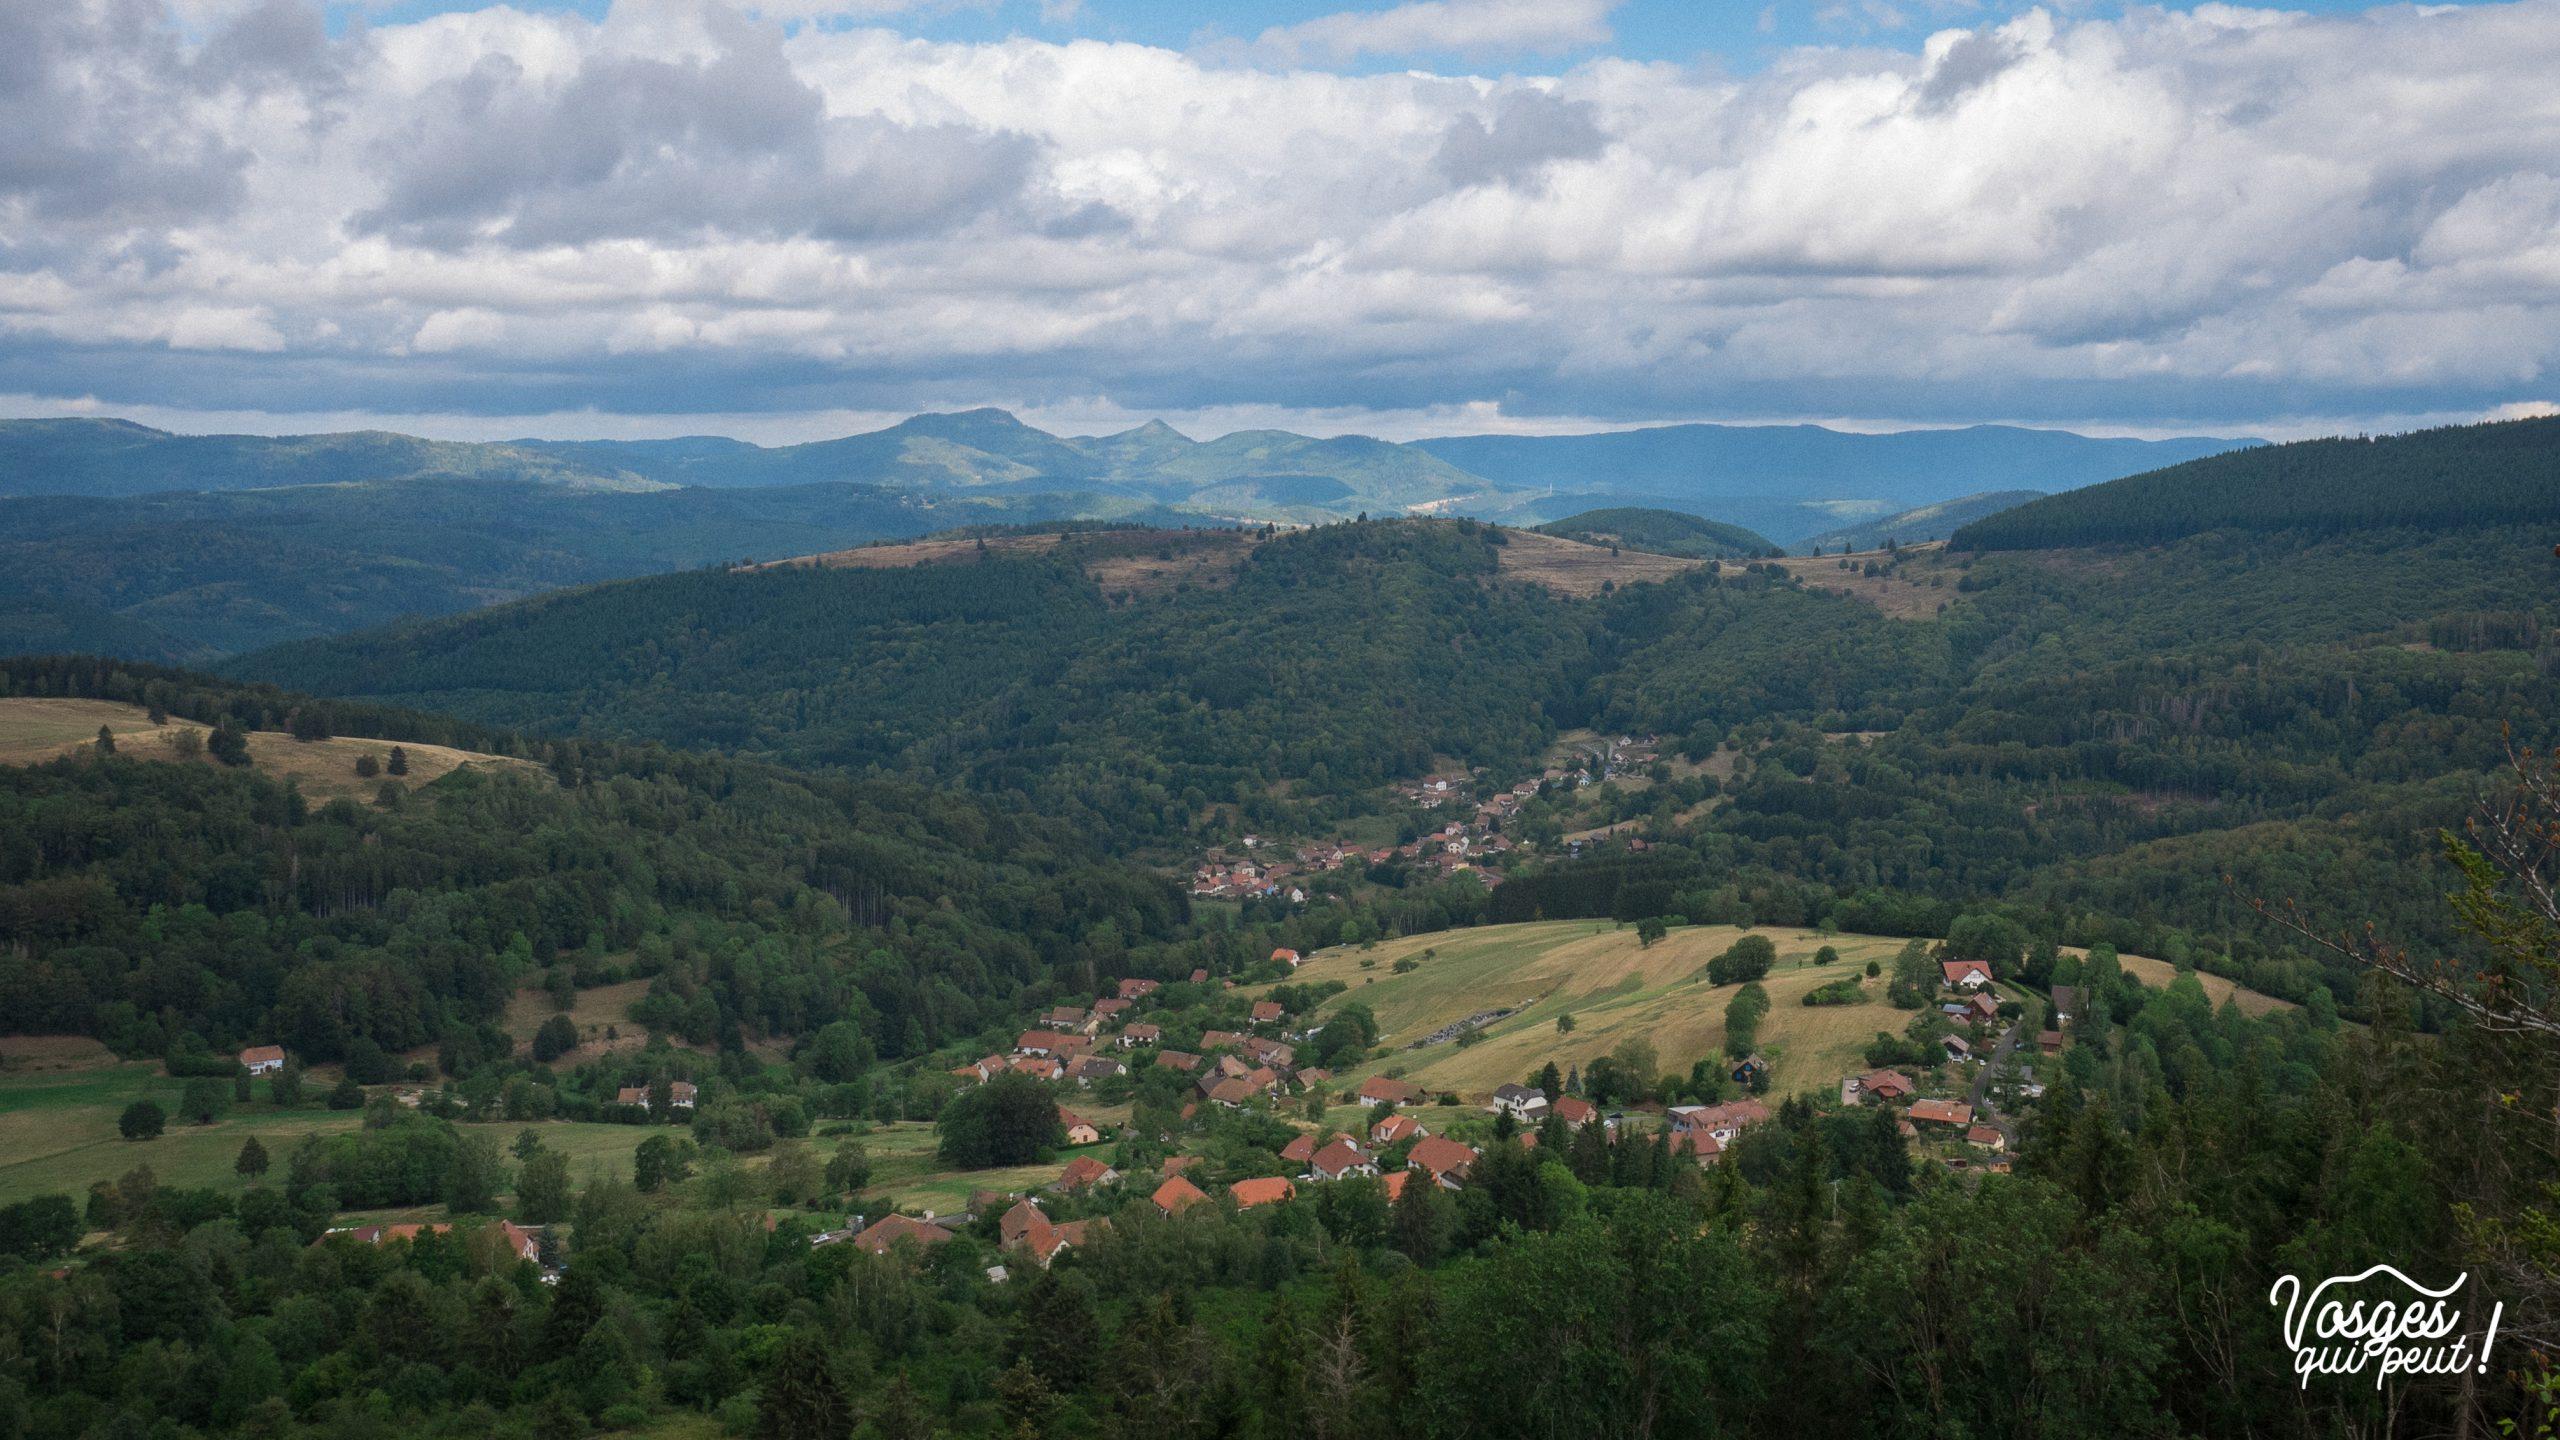 Paysage de la haute vallée de la Bruche depuis la chateau de la Roche